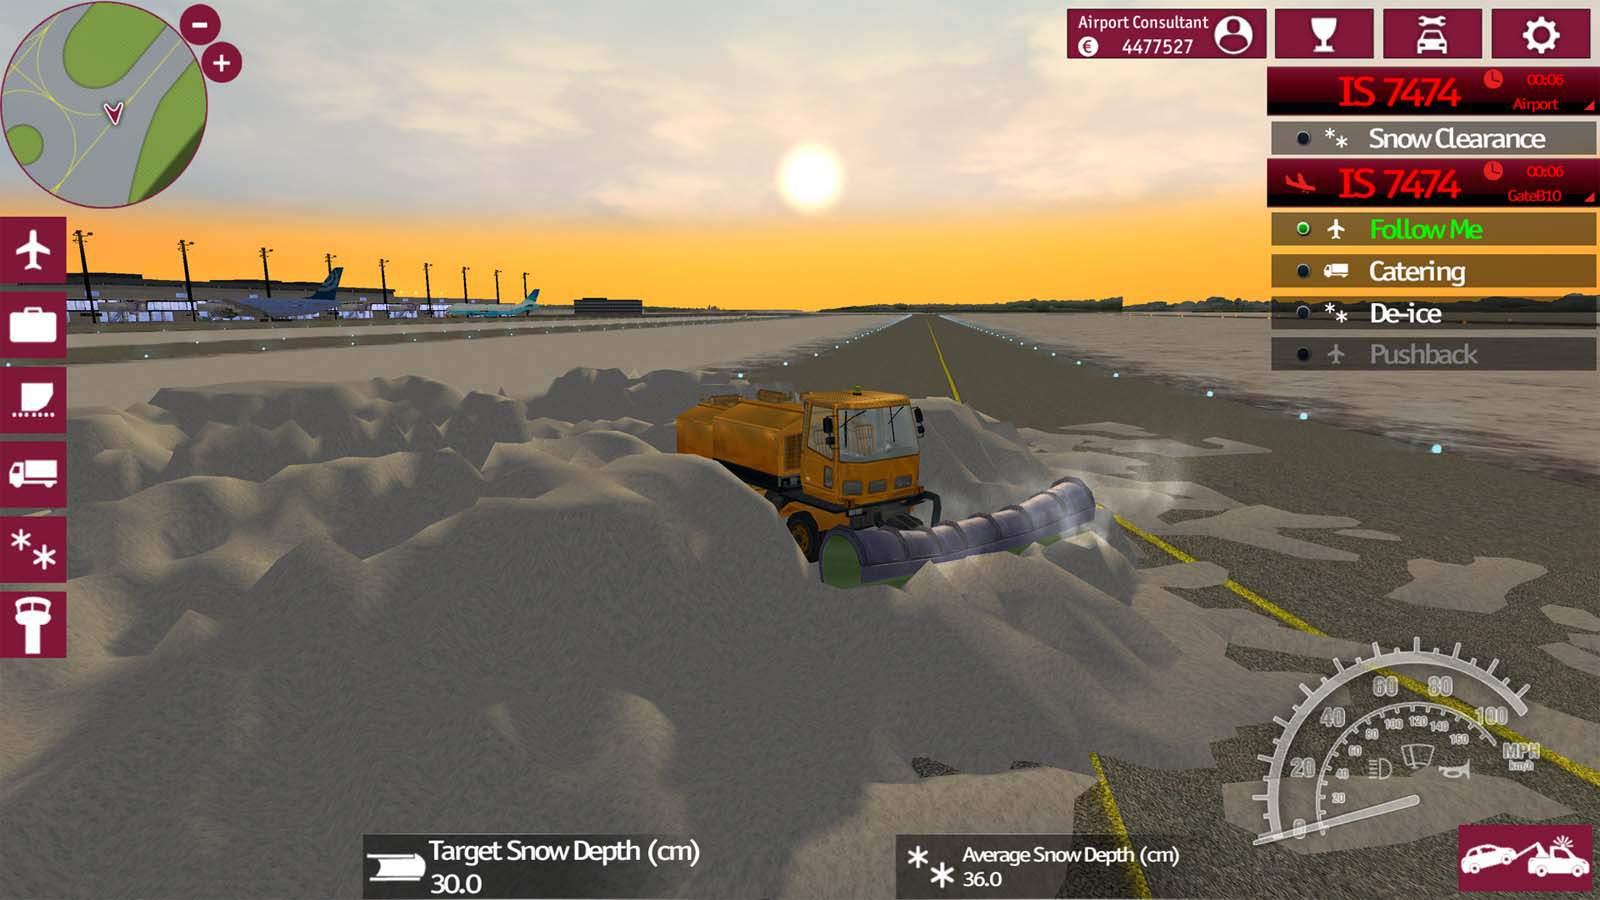 تحميل لعبة Airport Simulator 2015 مضغوطة برابط واحد مباشر + تورنت كاملة مجانا